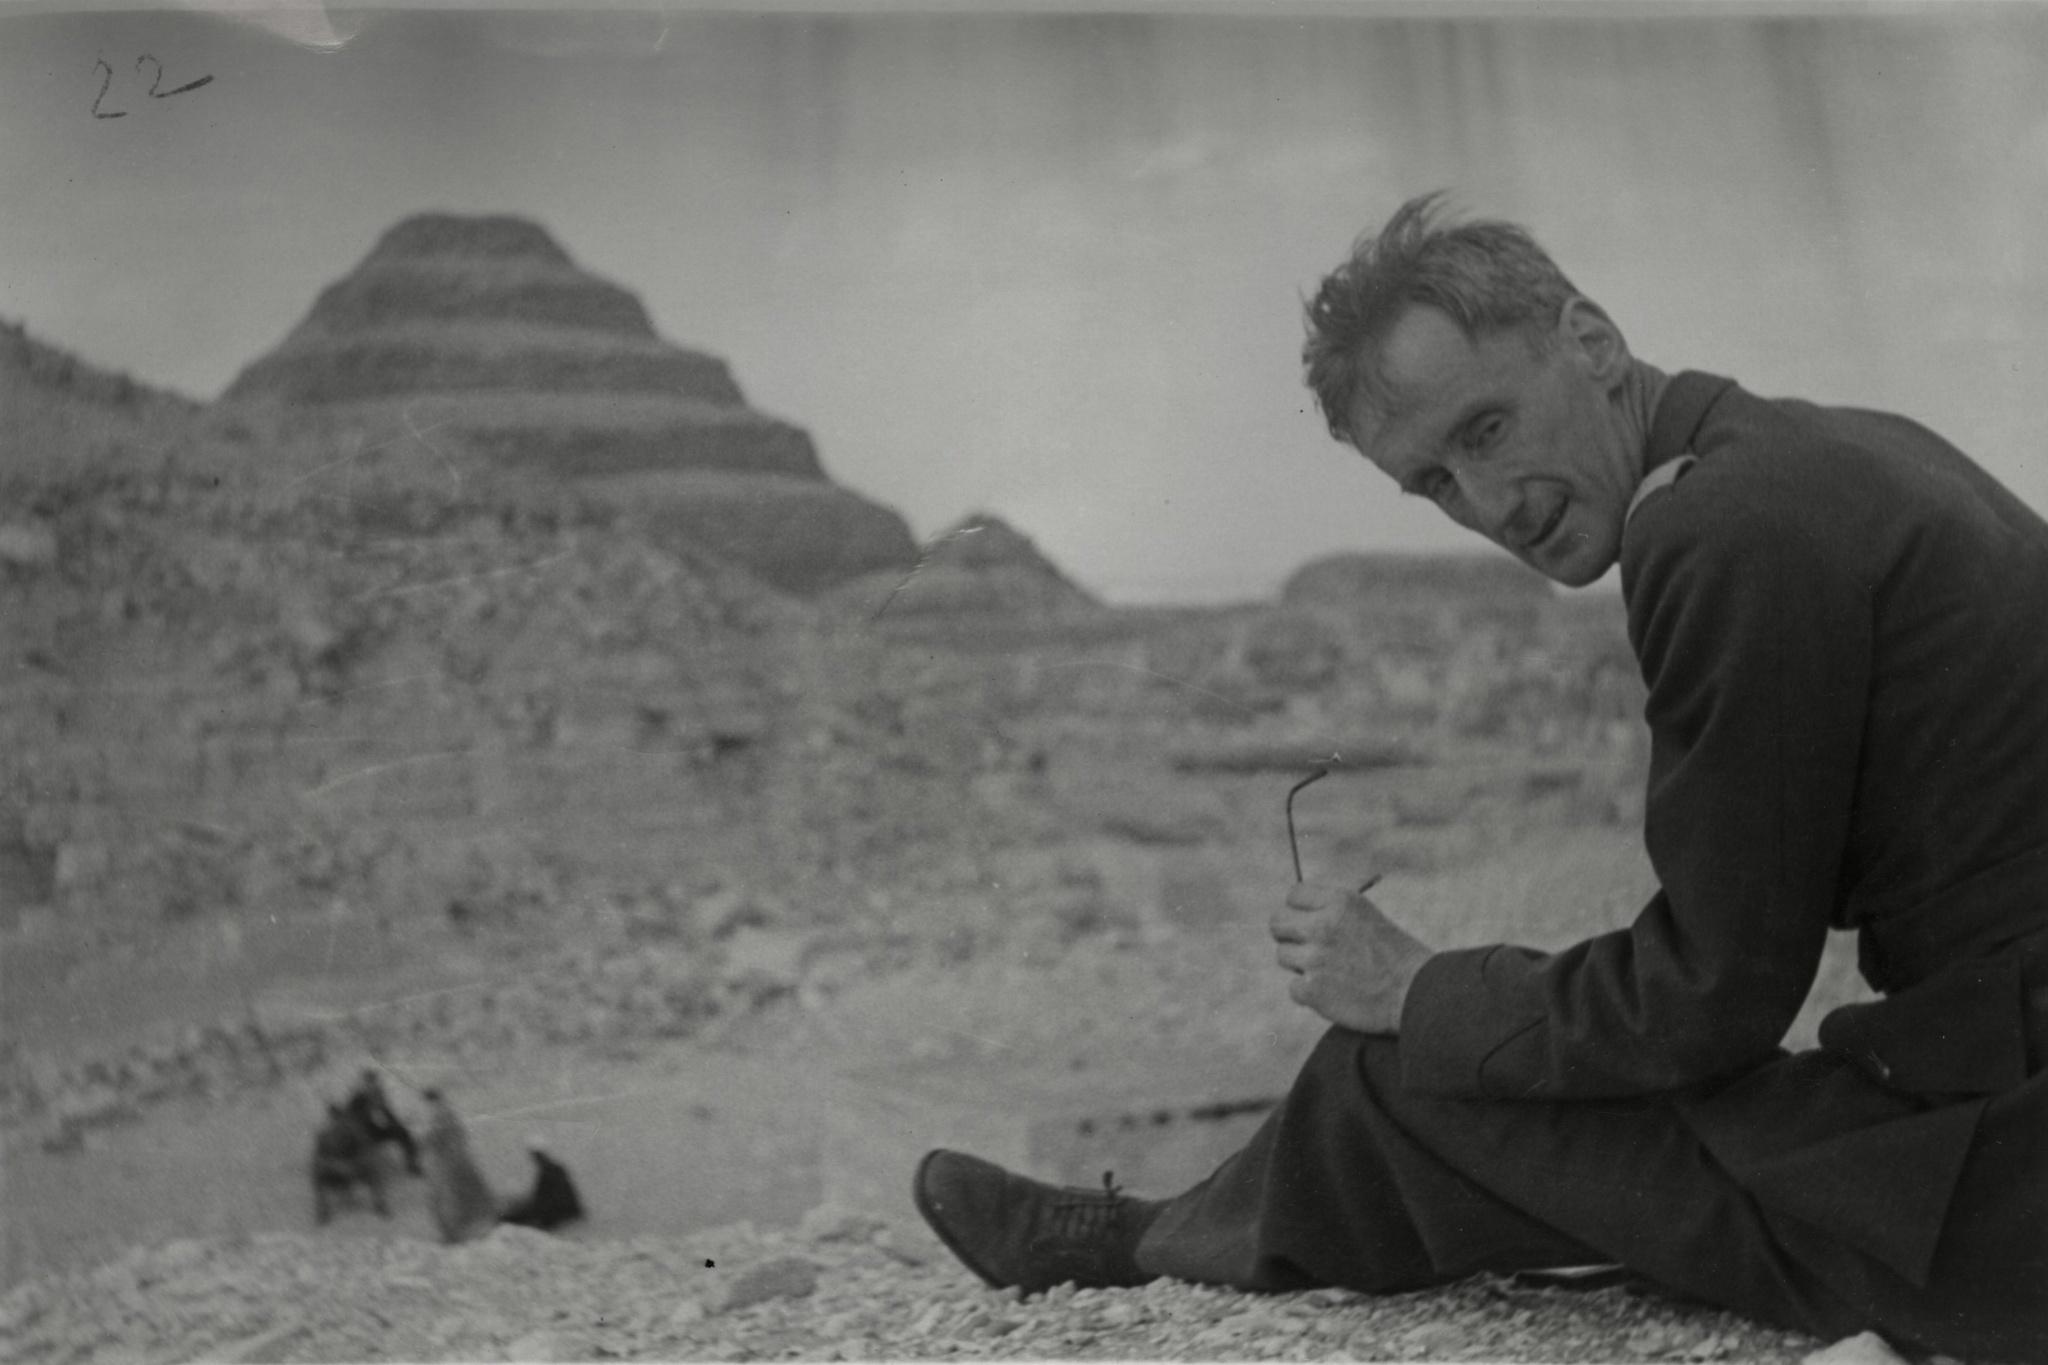 <div class='inner-box'><div class='close-desc'></div><span class='opis'>Józef Czapski pod piramidami. Egipt, 1943.</span><div class='clearfix'></div><span>Sygn. FIL00081</span><div class='clearfix'></div><span>© Instytut Literacki</span></div>